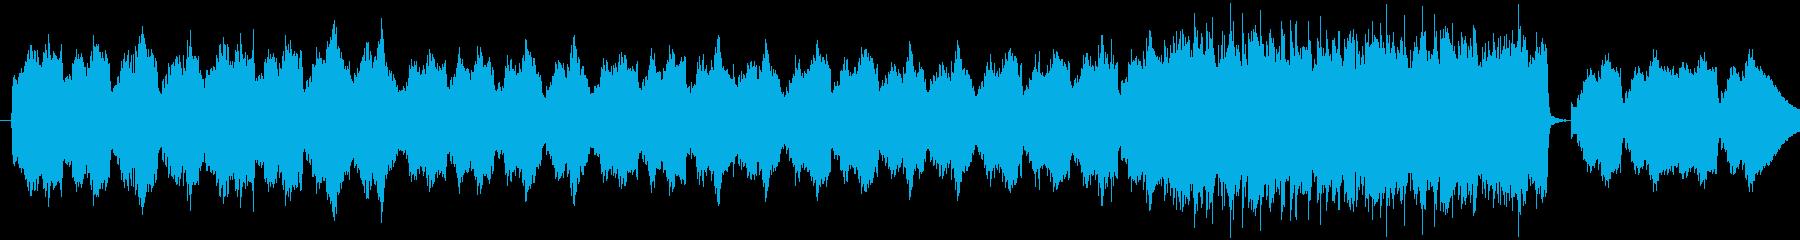 笛とシタールでエスニック風。ループ可能…の再生済みの波形